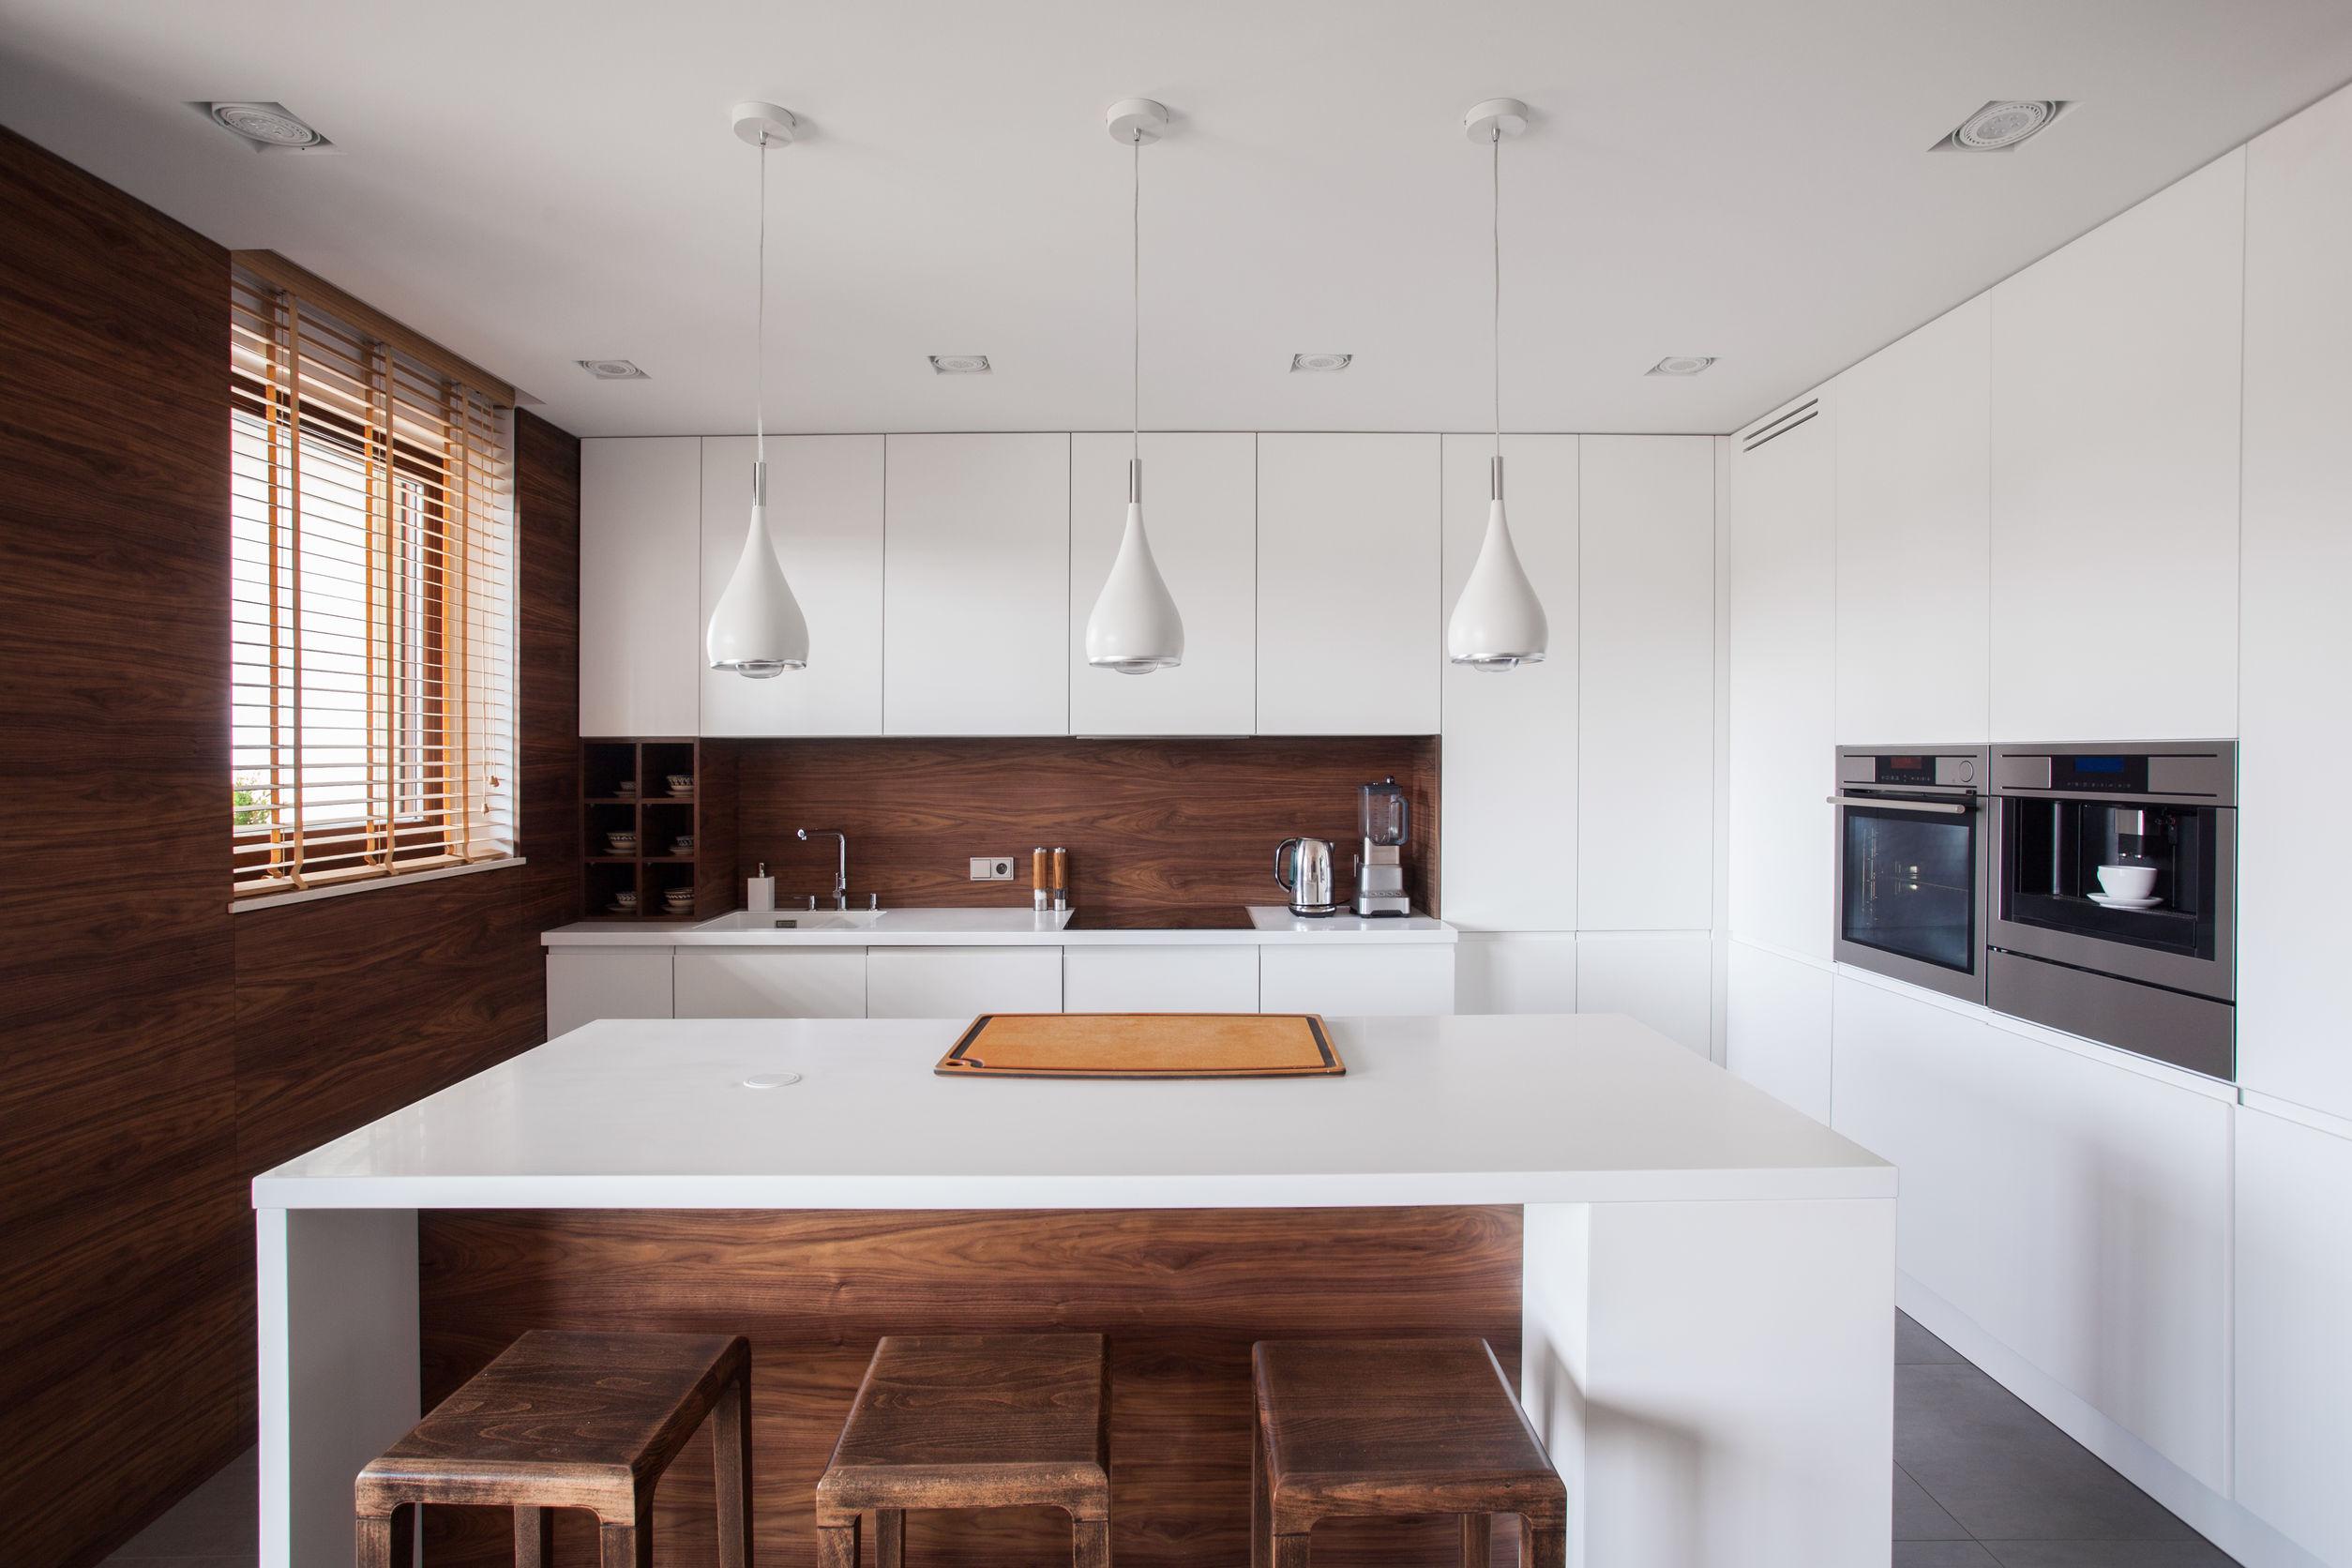 Full Size of Küchenlampen Kchenlampe Test Empfehlungen 04 20 Einrichtungsradar Wohnzimmer Küchenlampen